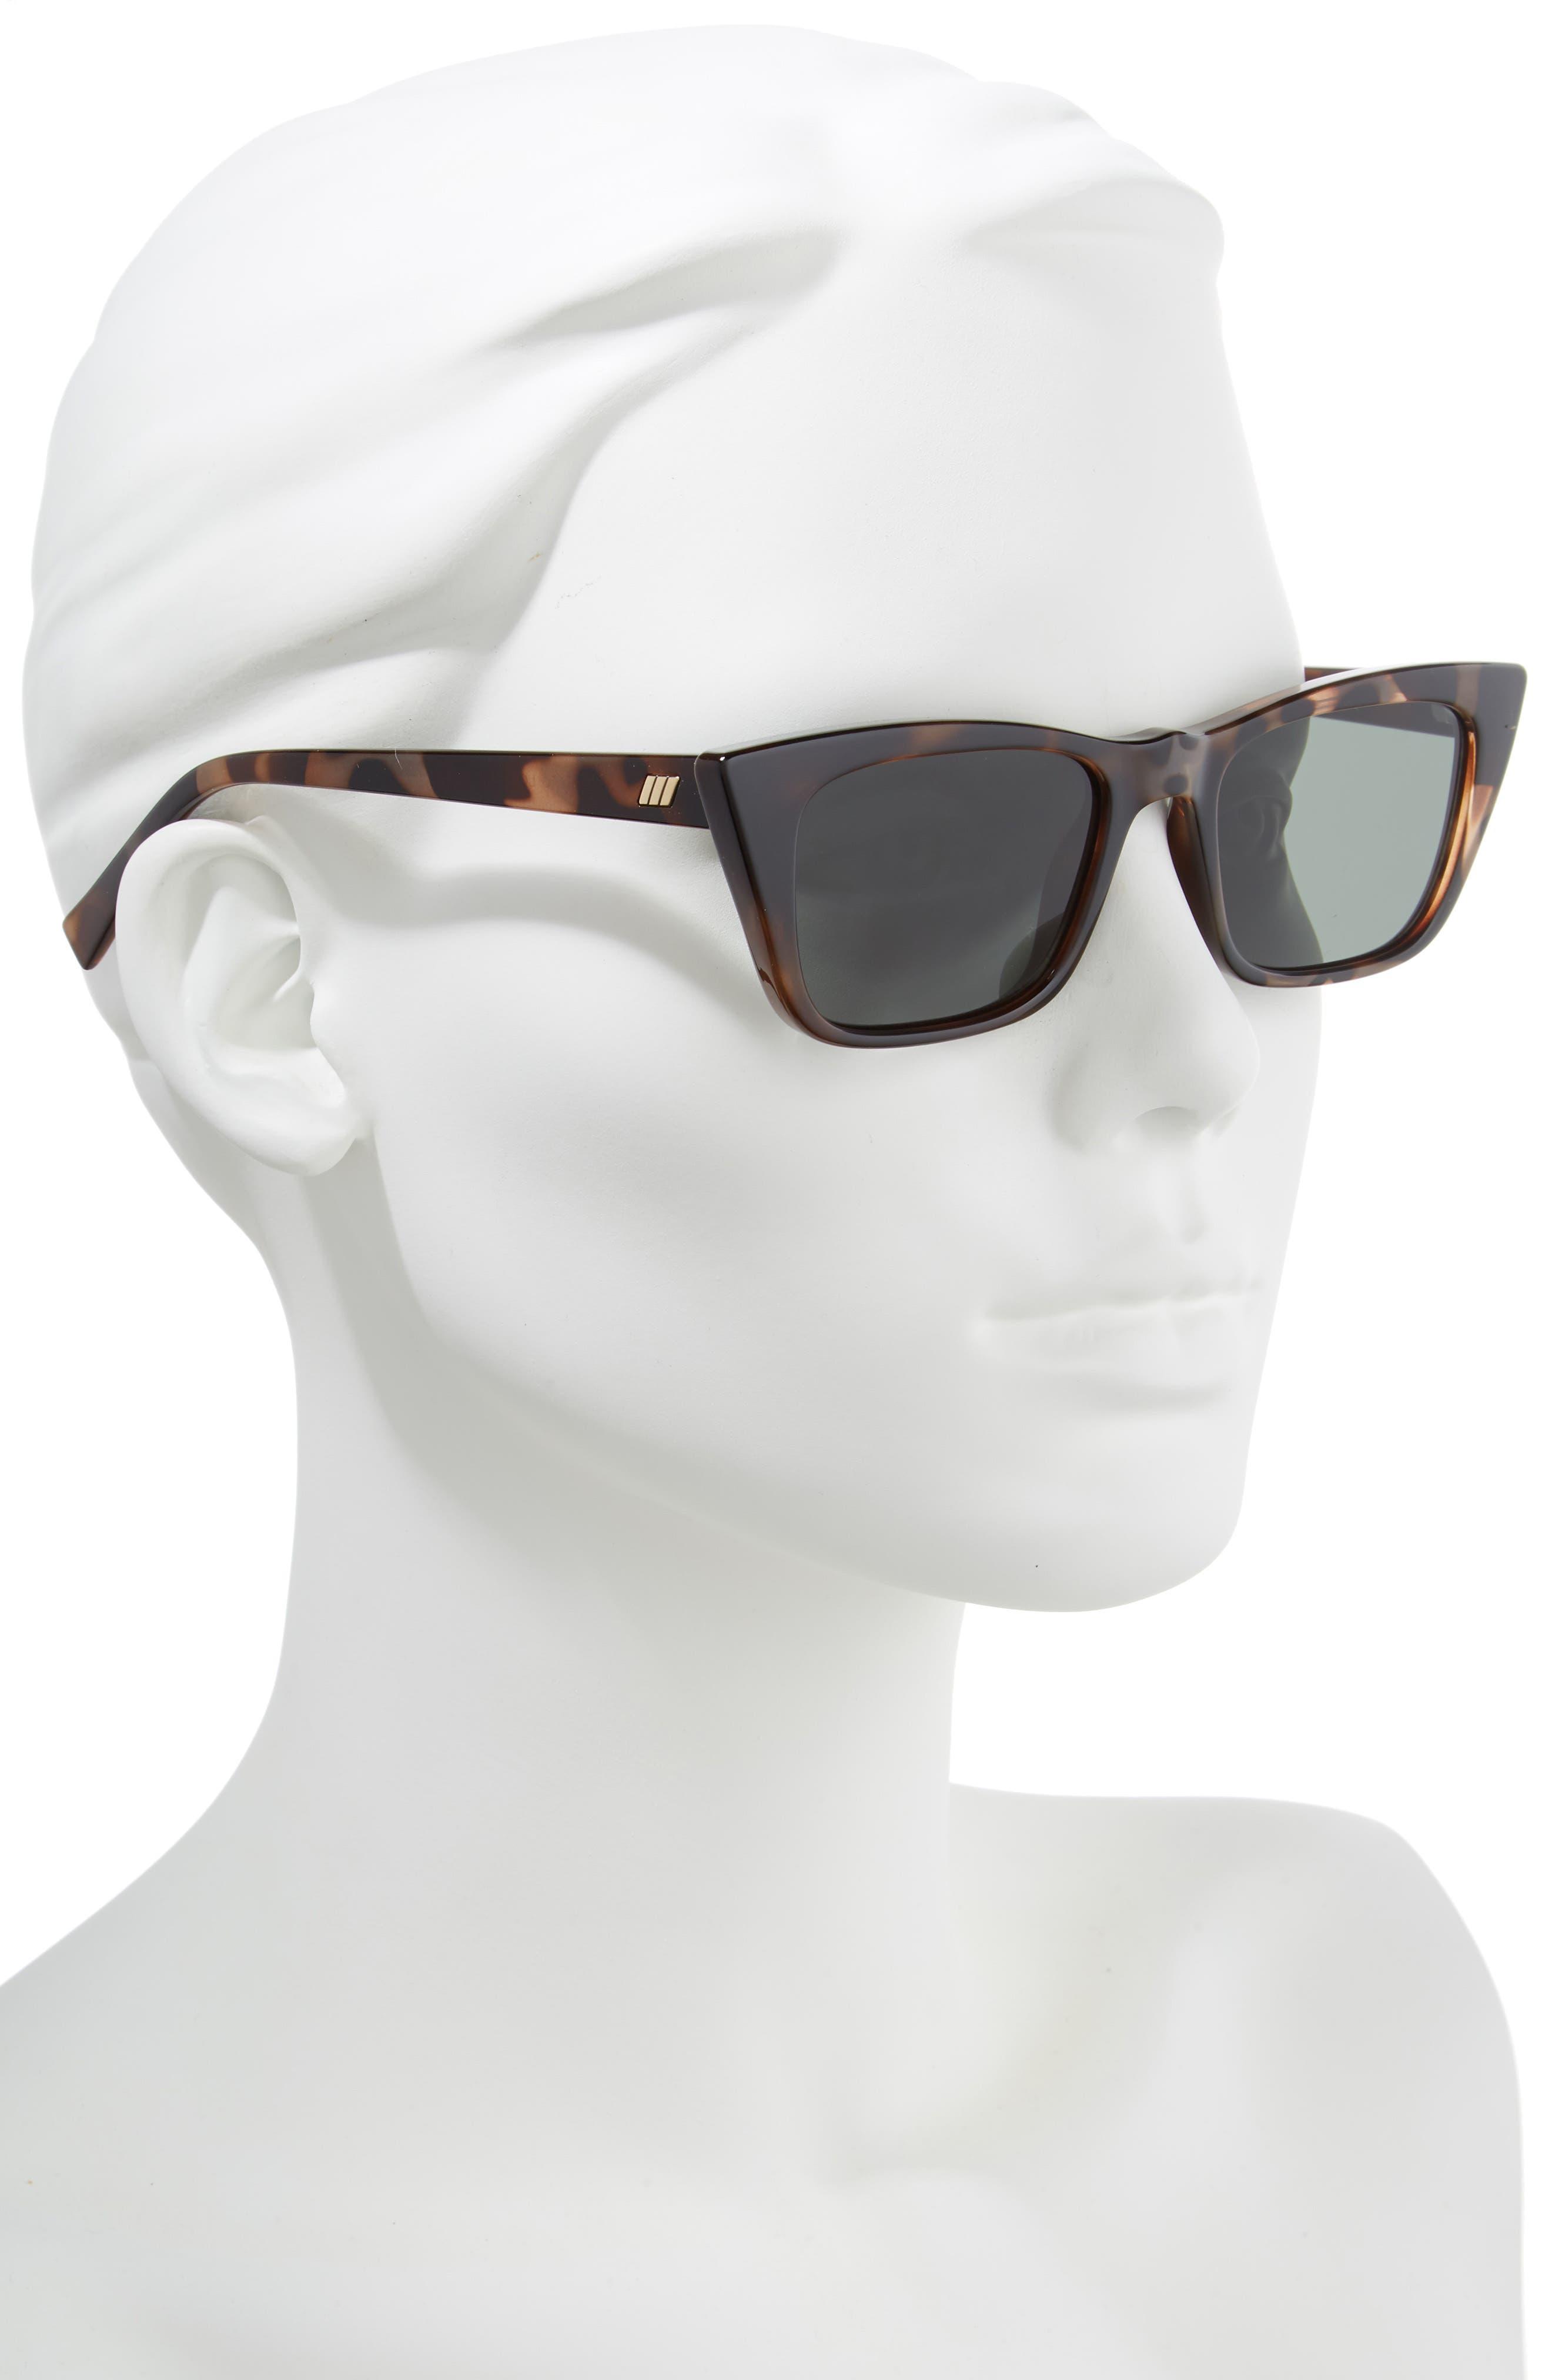 I Feel Love 51mm Cat Eye Sunglasses,                             Alternate thumbnail 2, color,                             VOLCANIC TORTOISE